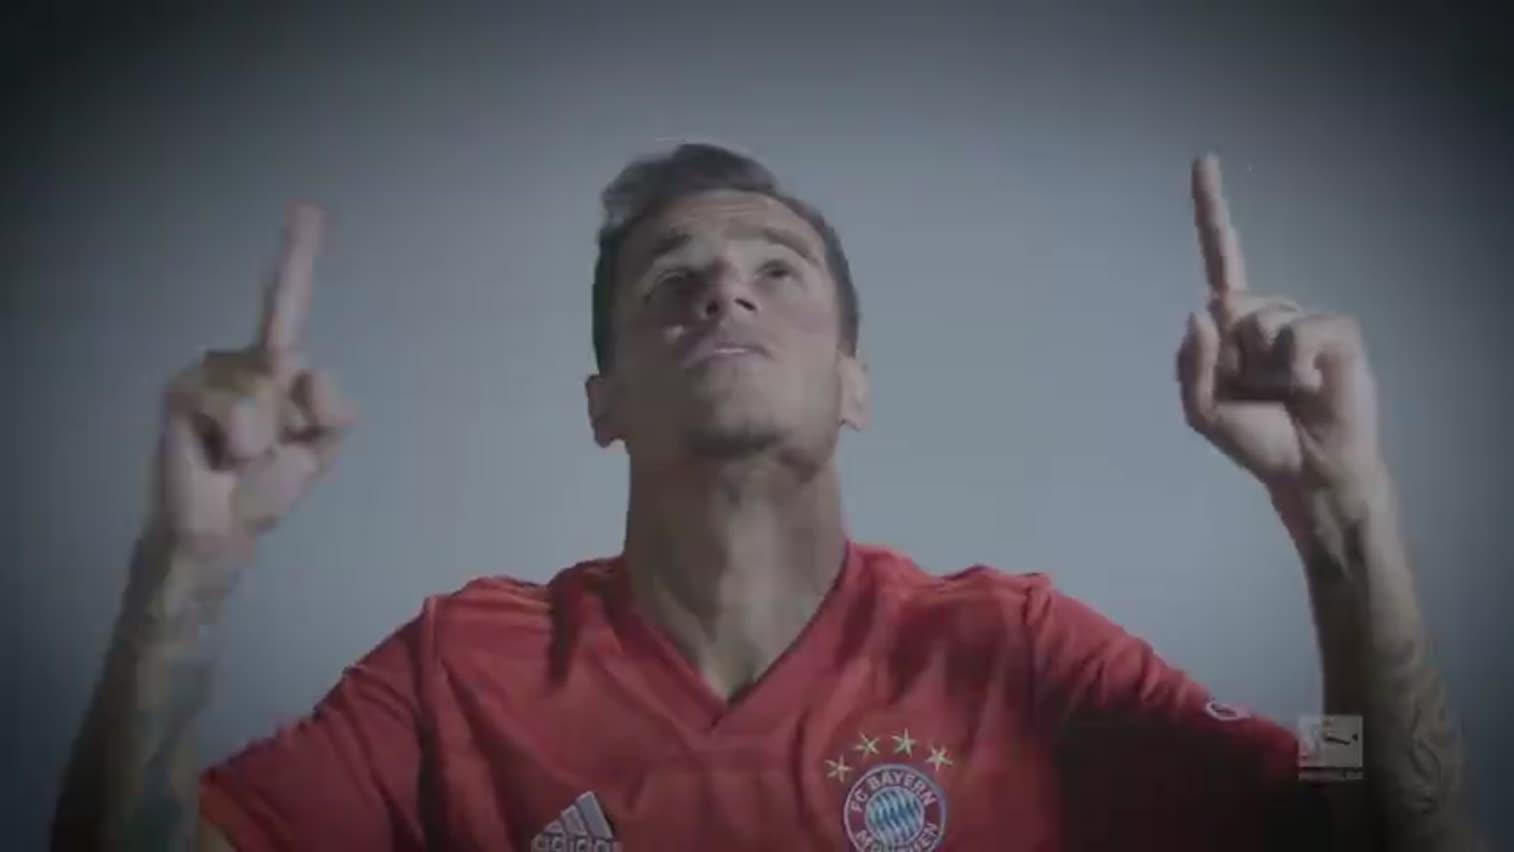 报——!@拜仁慕尼黑足球俱乐部 库蒂尼奥向您报告:明晨3